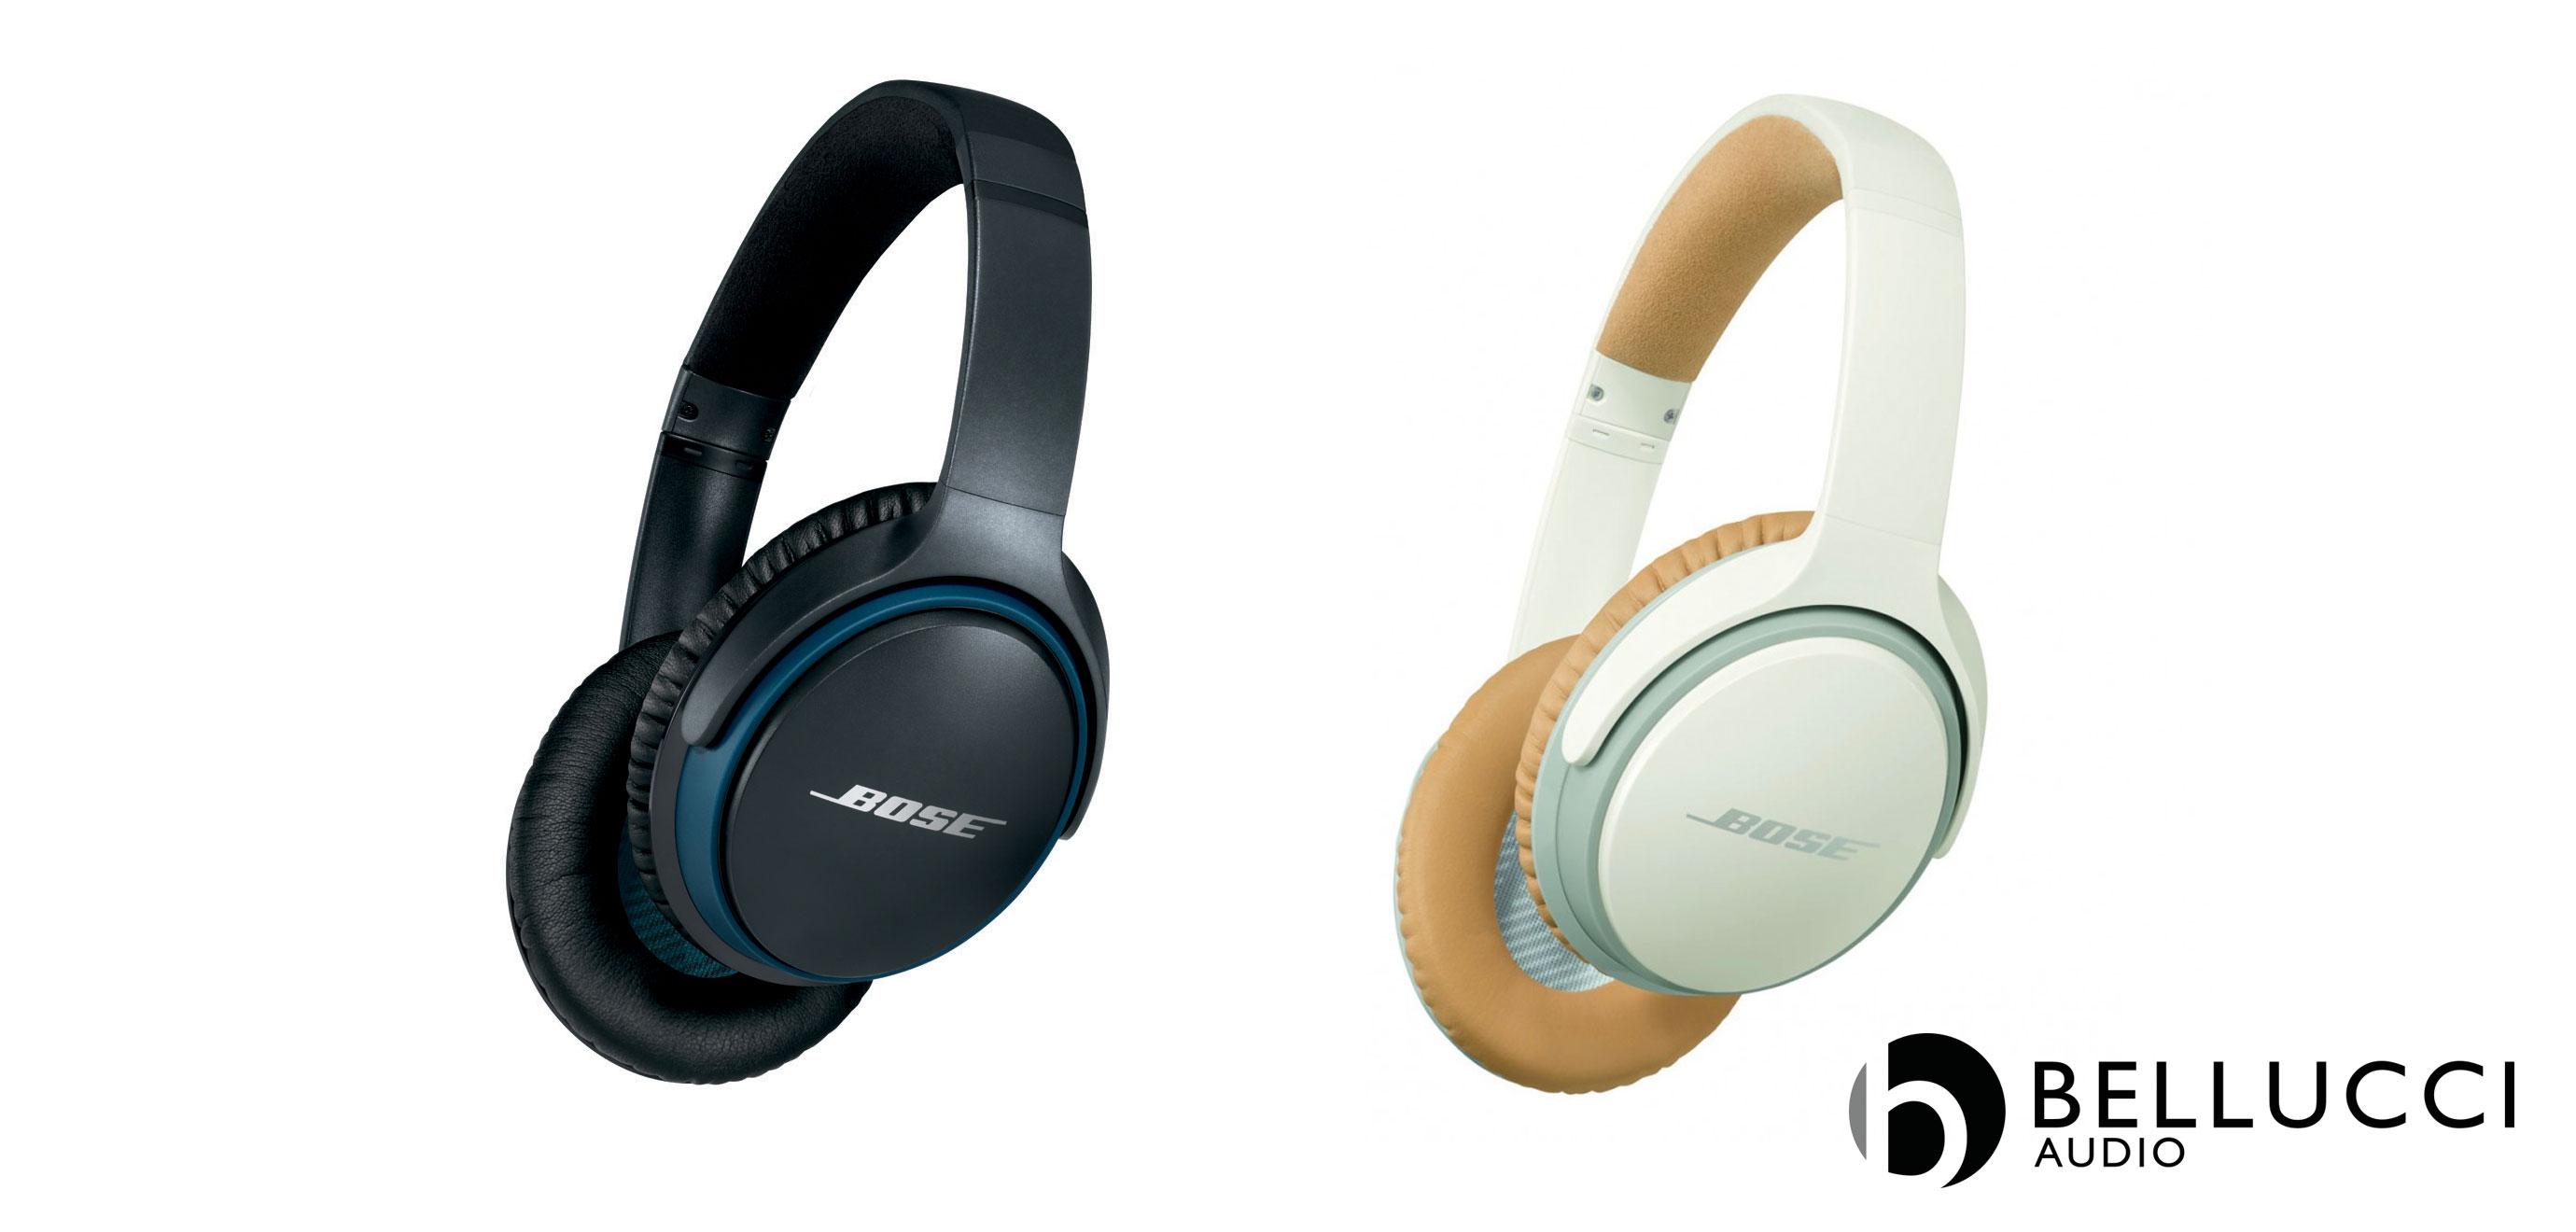 BOSE SOUNDLINK AROUND EAR II WIRELESS – €279 0602376106fd